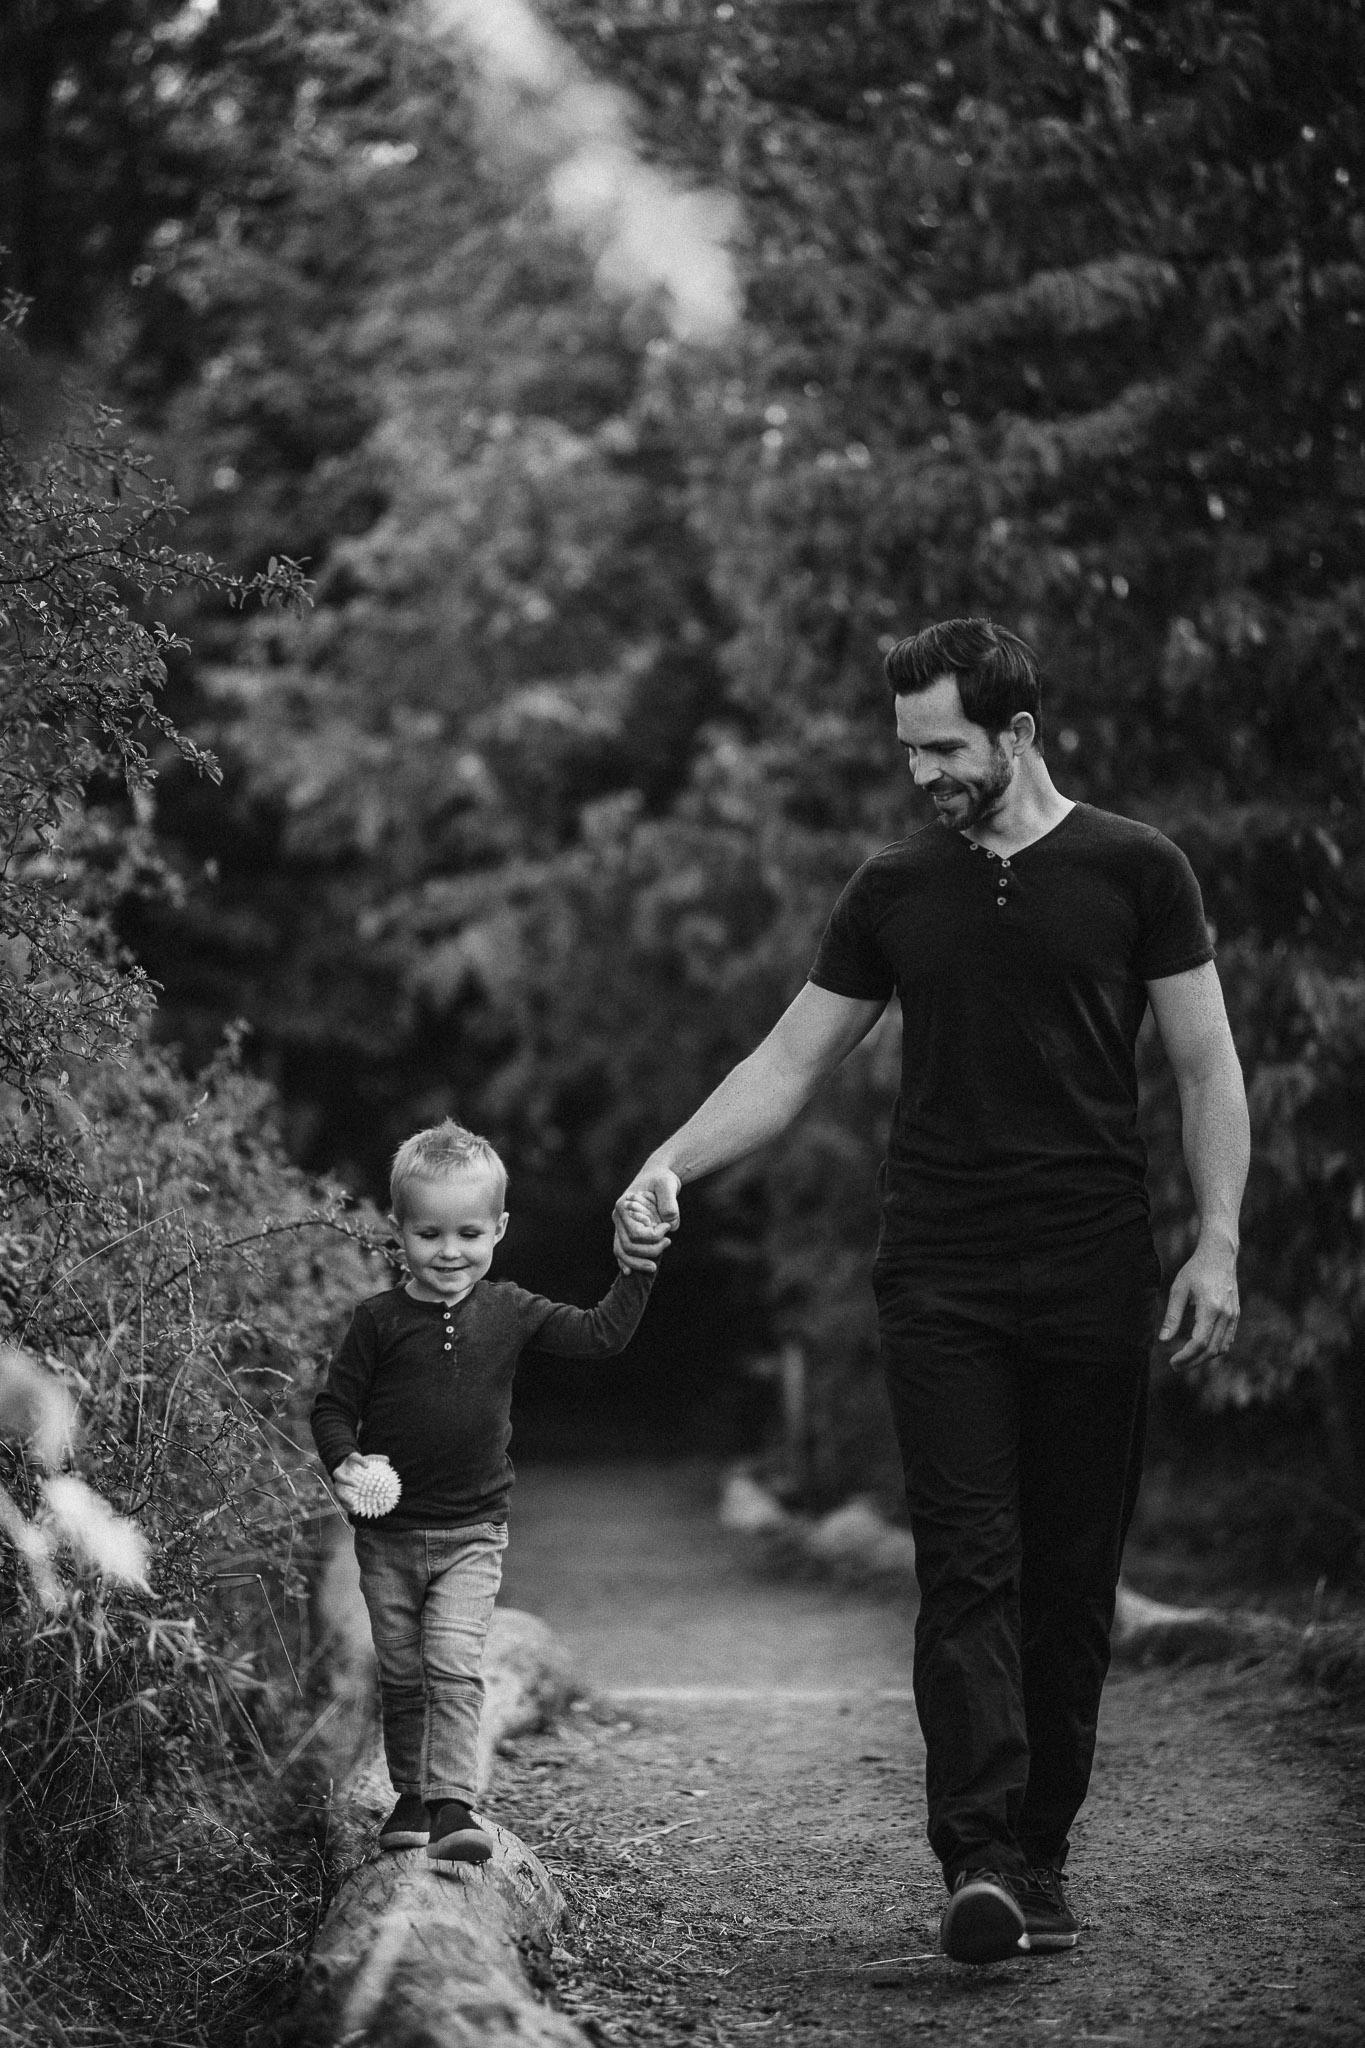 Familienfotos in Ober-Olm: Herbstbilder in der Natur 3